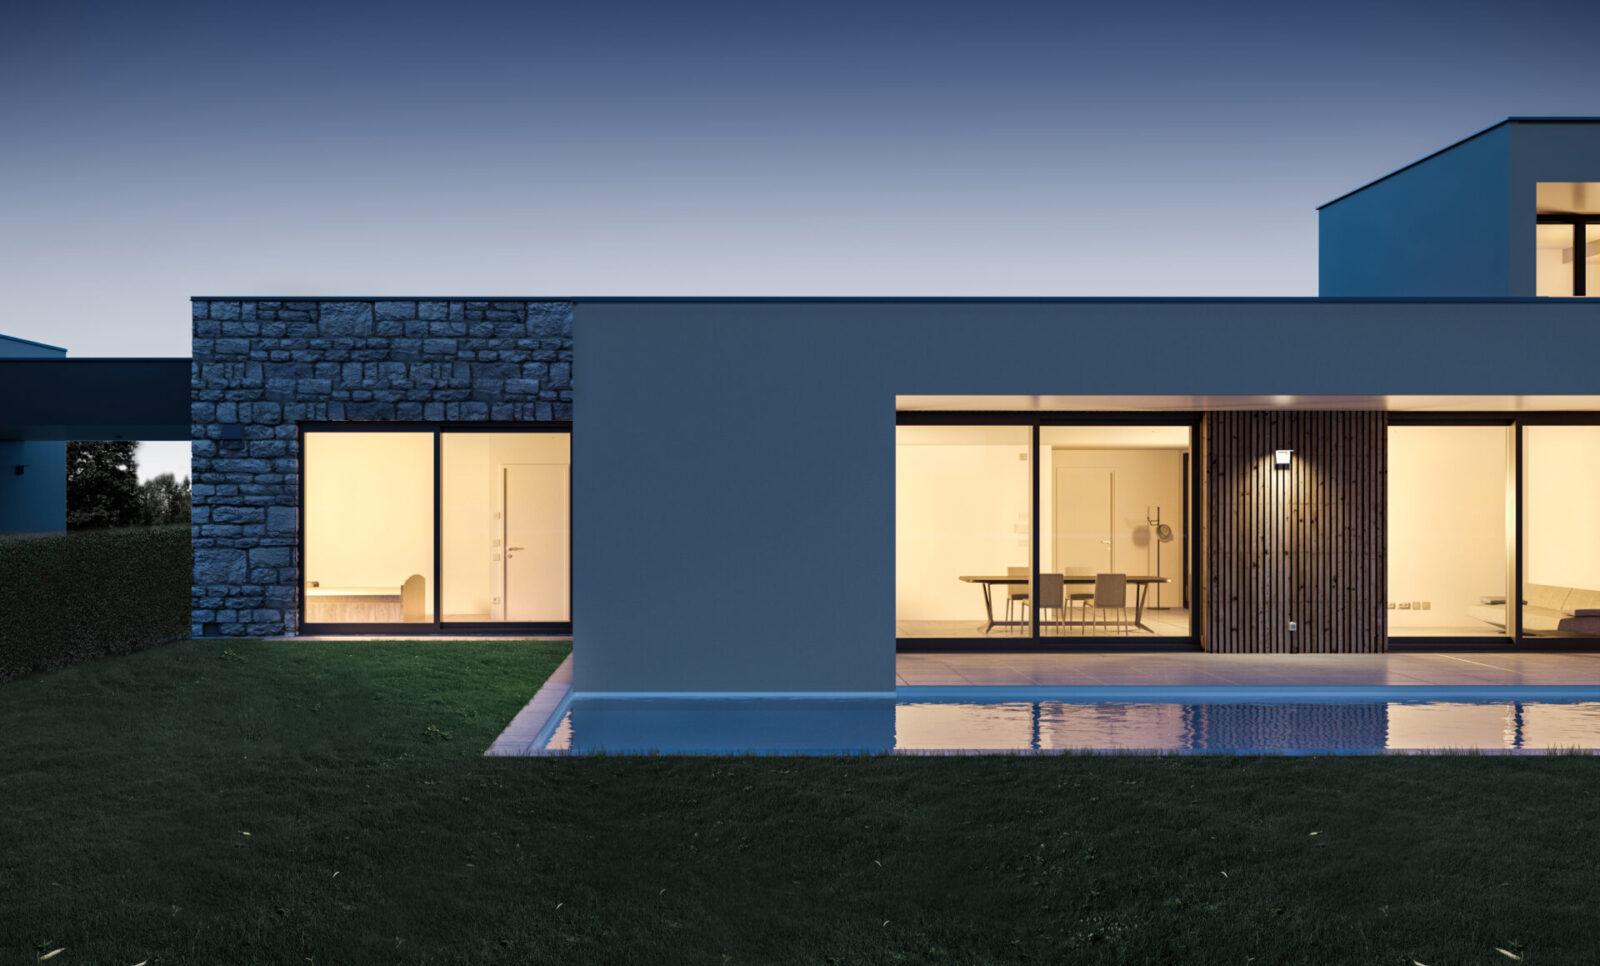 Digitalizzazione architettonica per il mercato immobiliare blockchain digital estate iot internet of things real estate